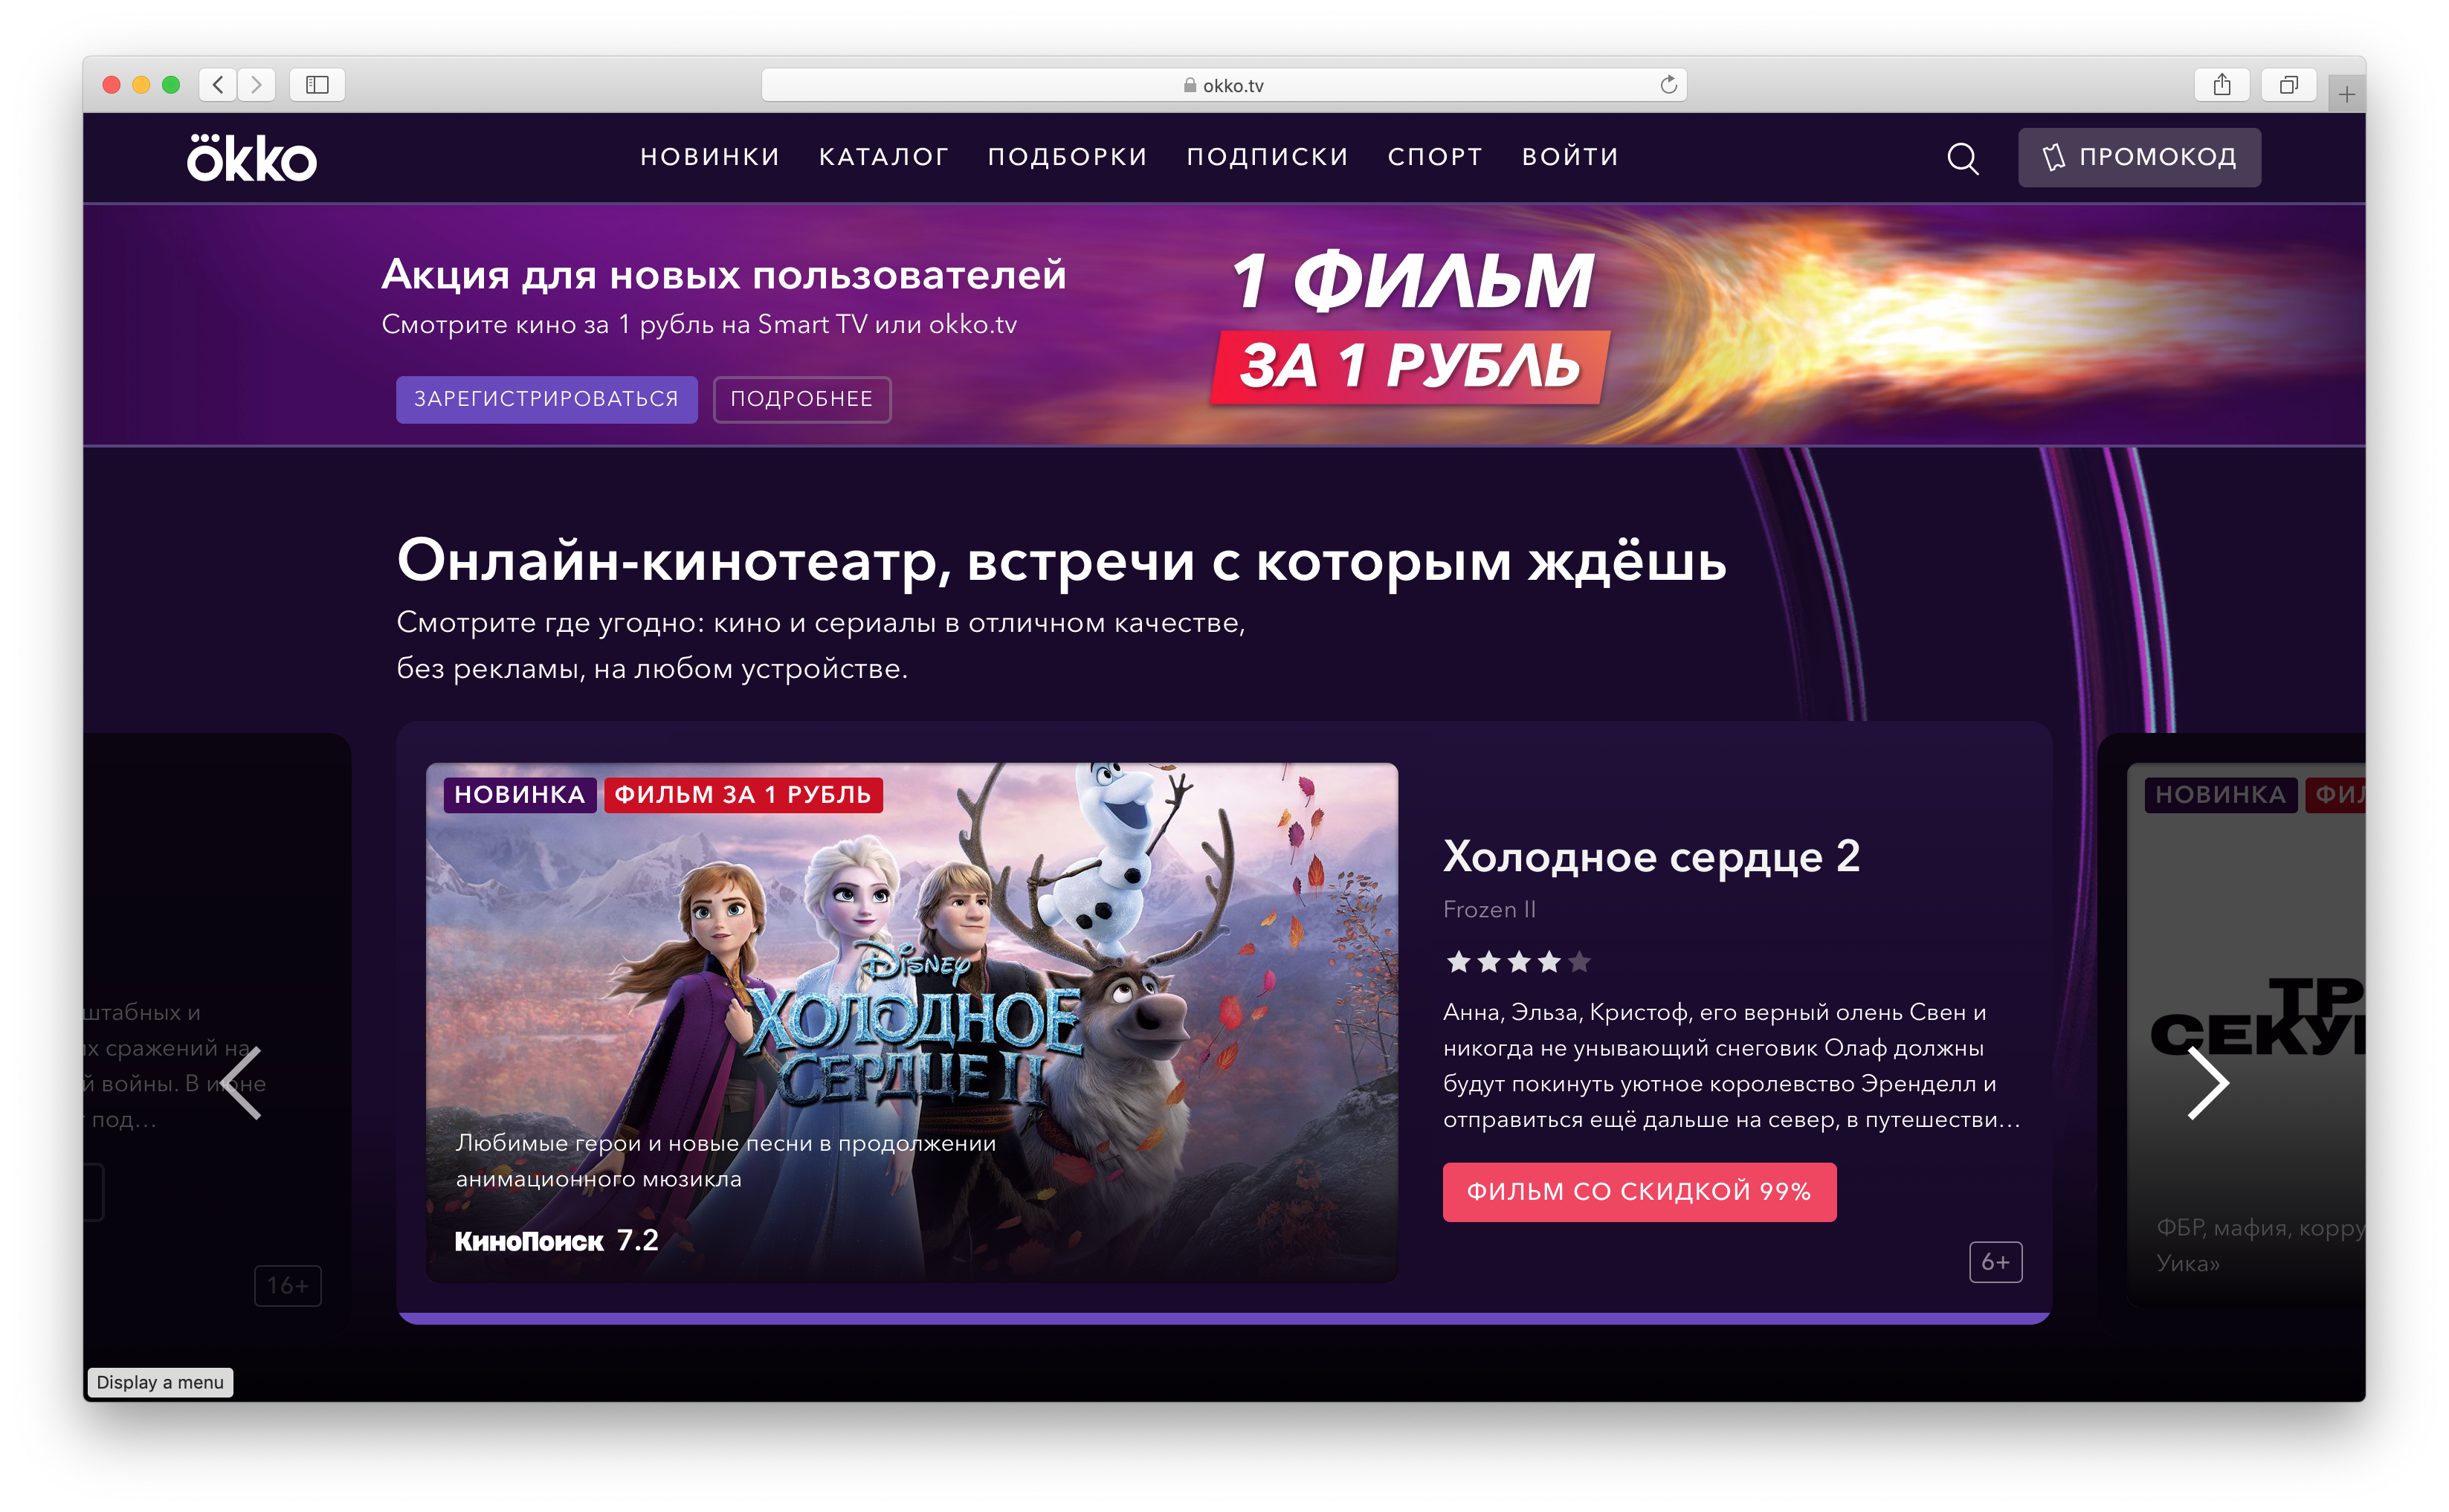 Скриншот сервиса Оkko